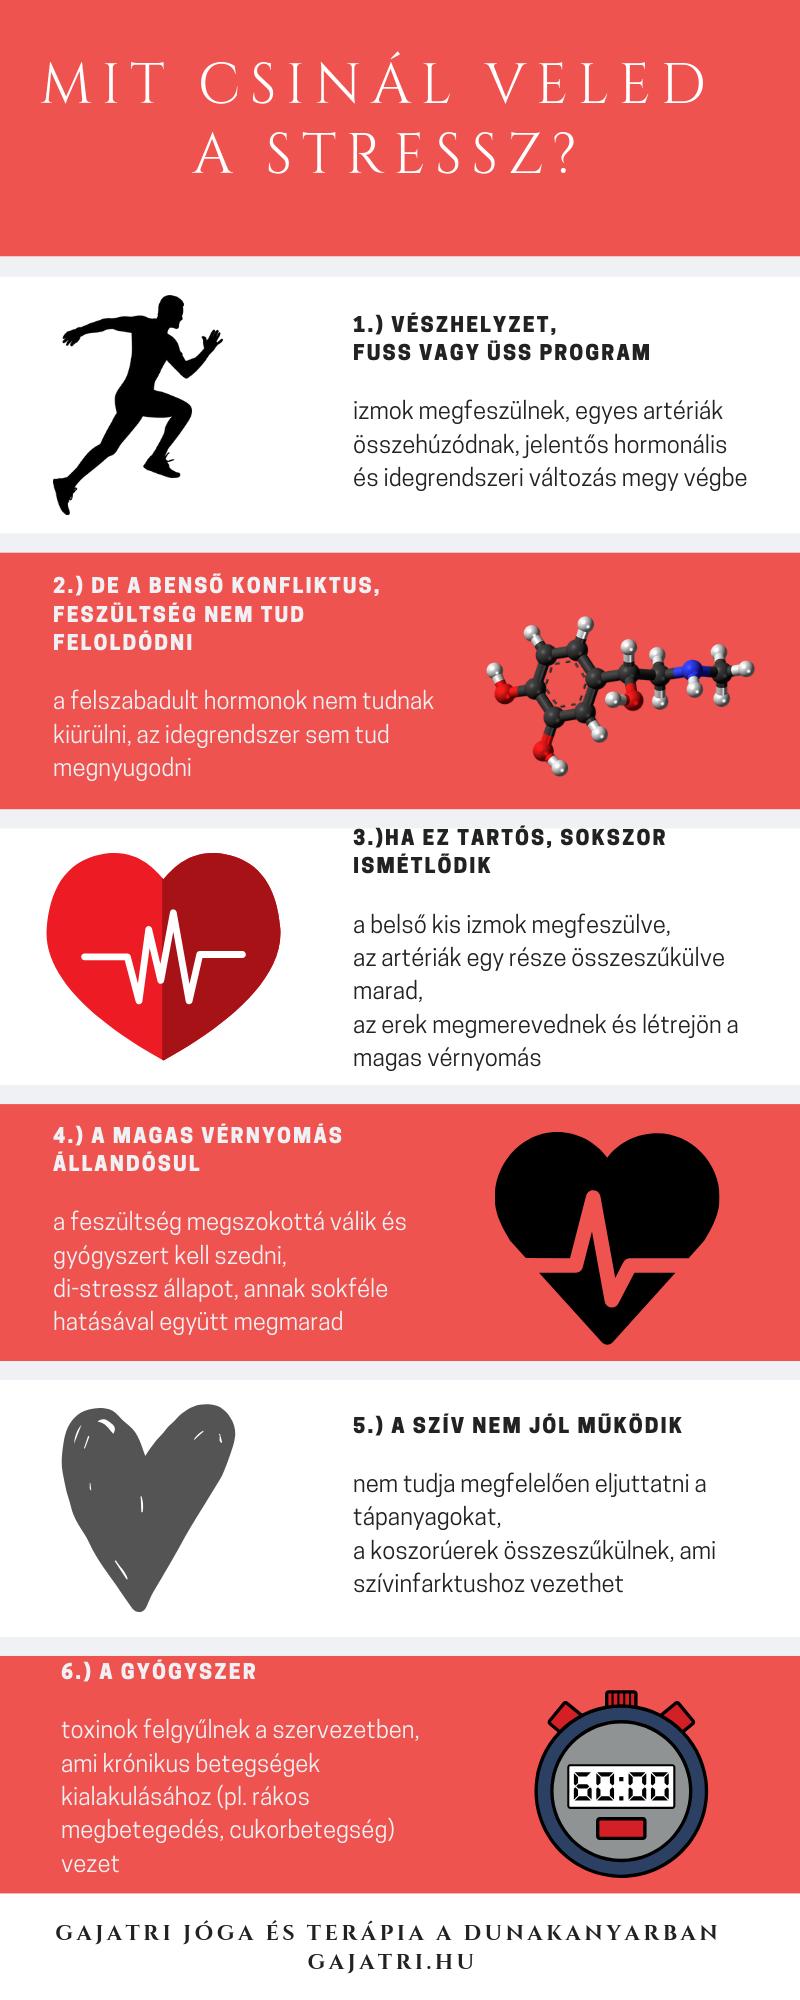 a magas vérnyomás életveszélyes műtét a szürkehályog eltávolítására magas vérnyomás miatt